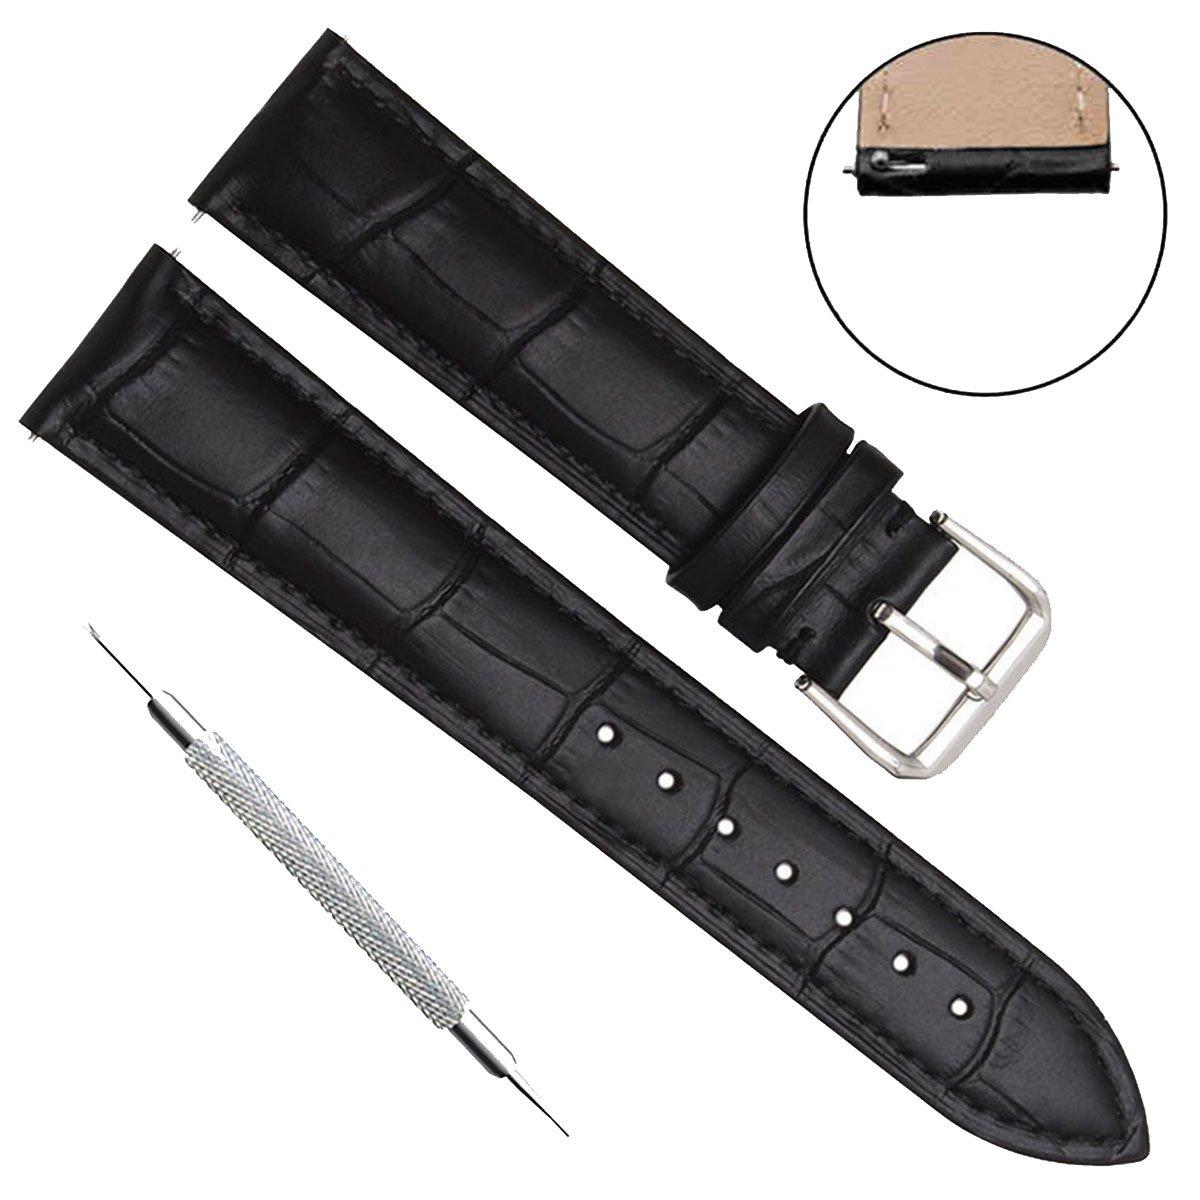 クイックリリース本革ウォッチバンドストラップステンレスメタルクラスプ付き 22mm Bamboo Leather/Black Stitch/Black 22mm|Bamboo Leather/Black Stitch/Black Bamboo Leather/Black Stitch/Black 22mm B074PRKMT1